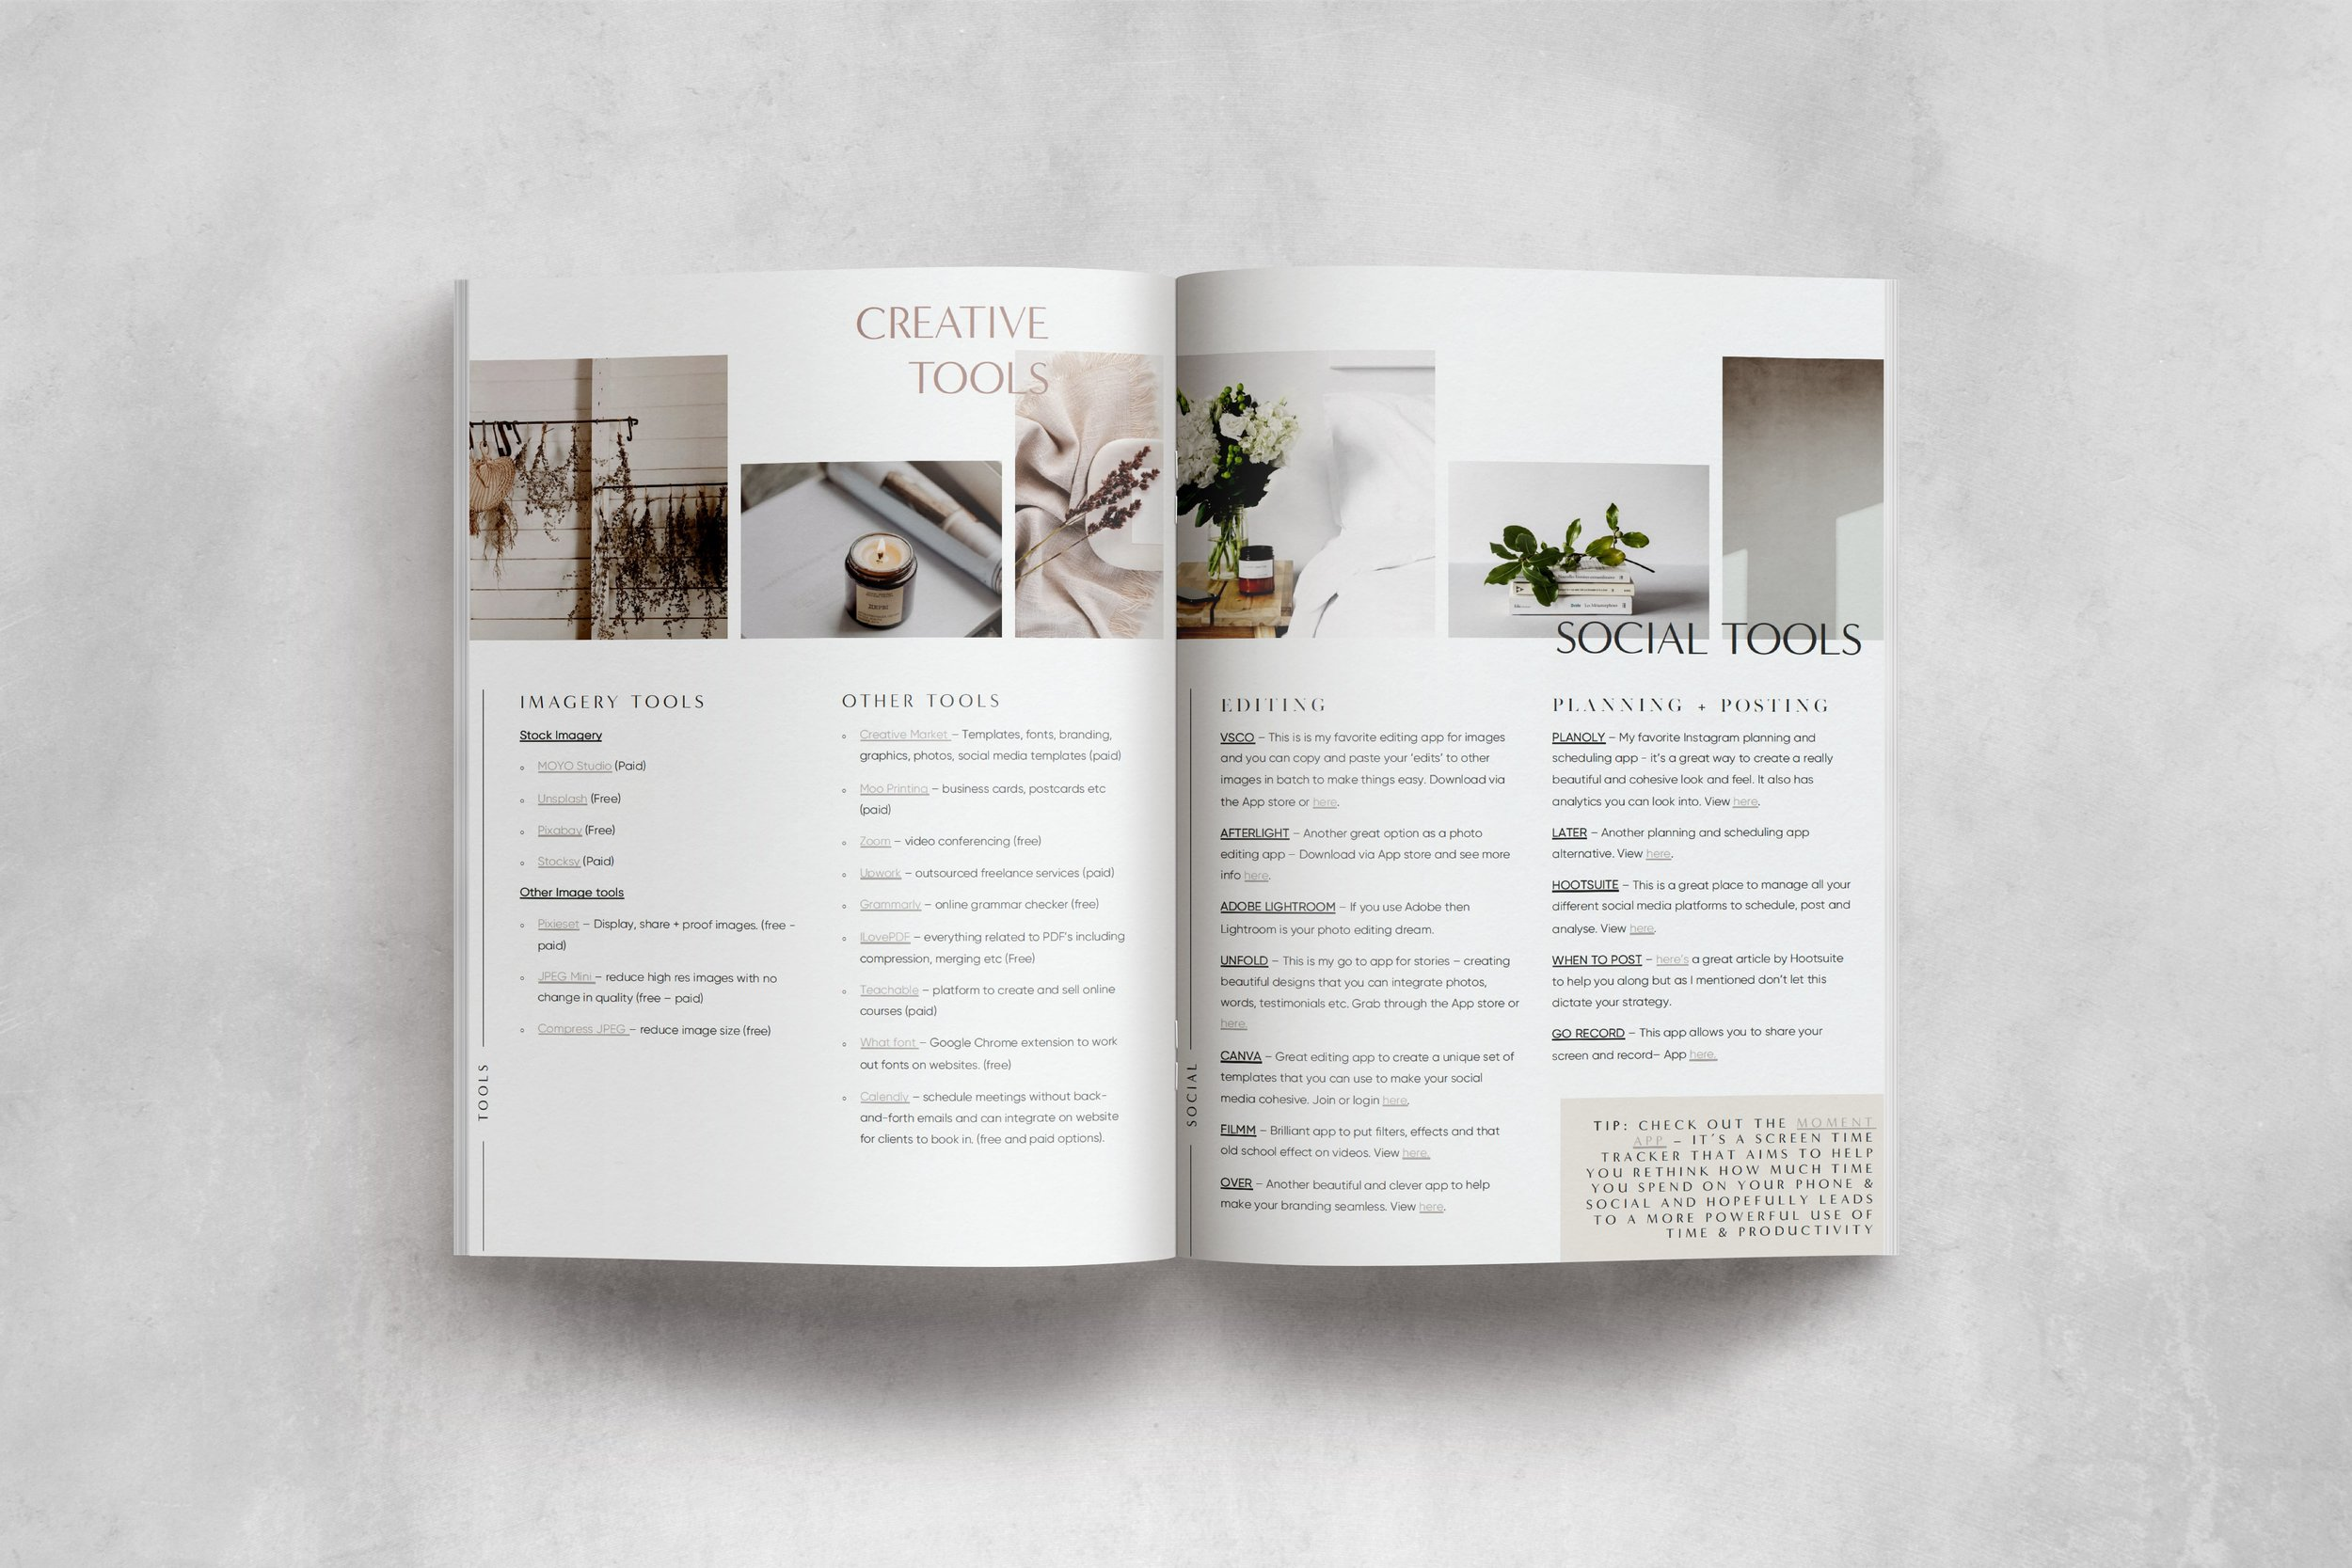 Ccreative foundations ebook - Half Light Studio